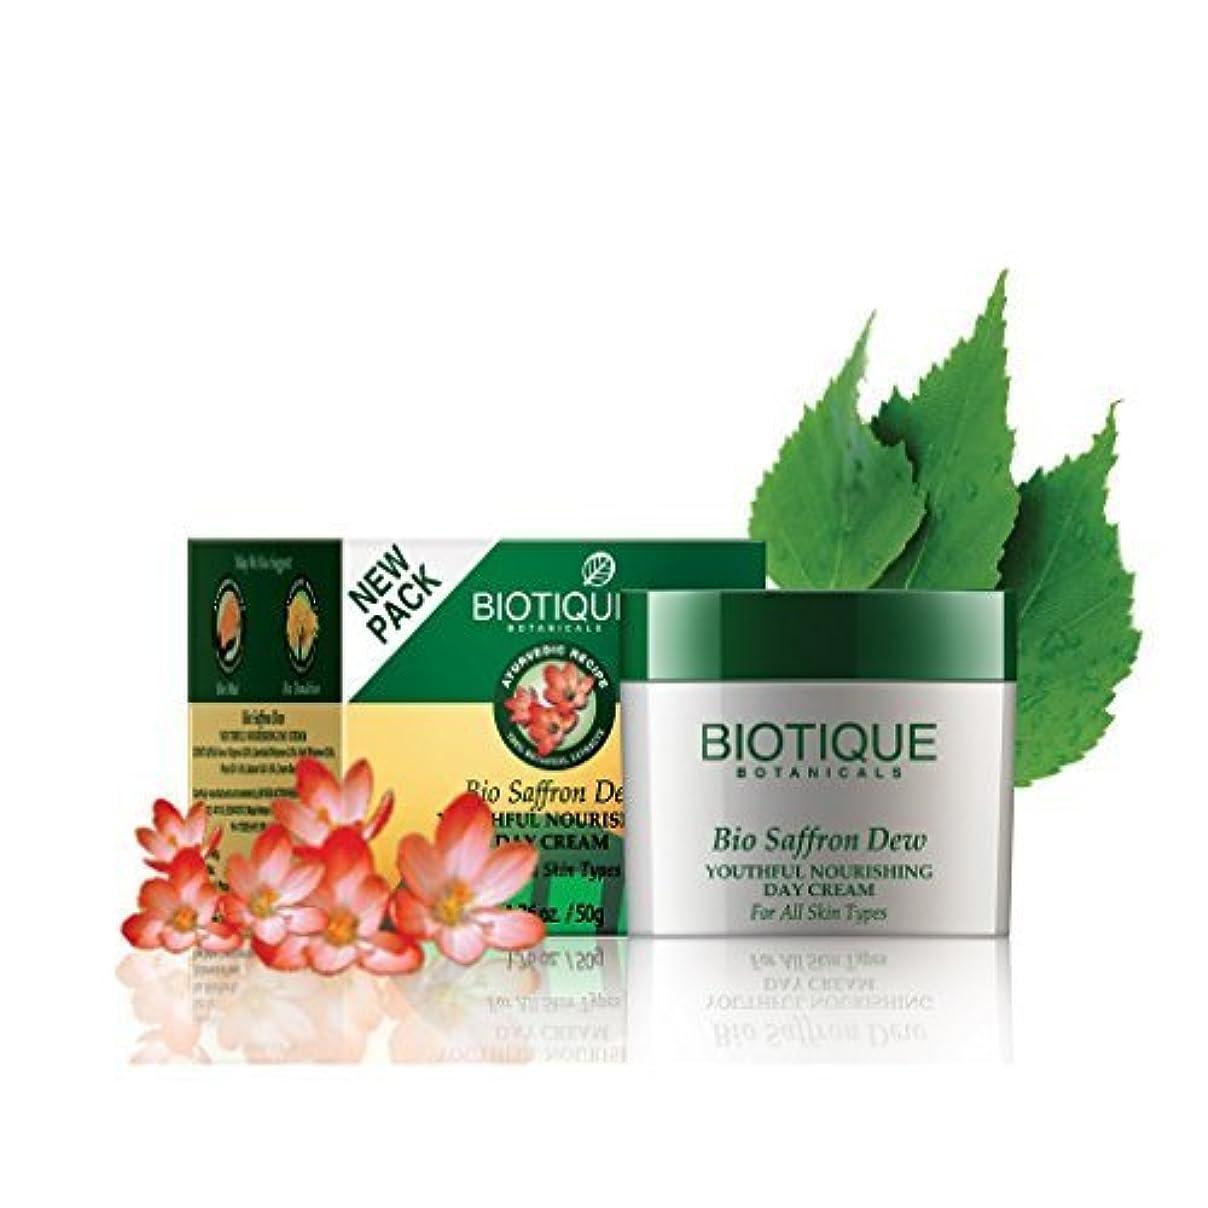 毎日ジャンプ先入観Biotique Saffron Dew 50g -- Ageless face & body cream by Biotique [並行輸入品]